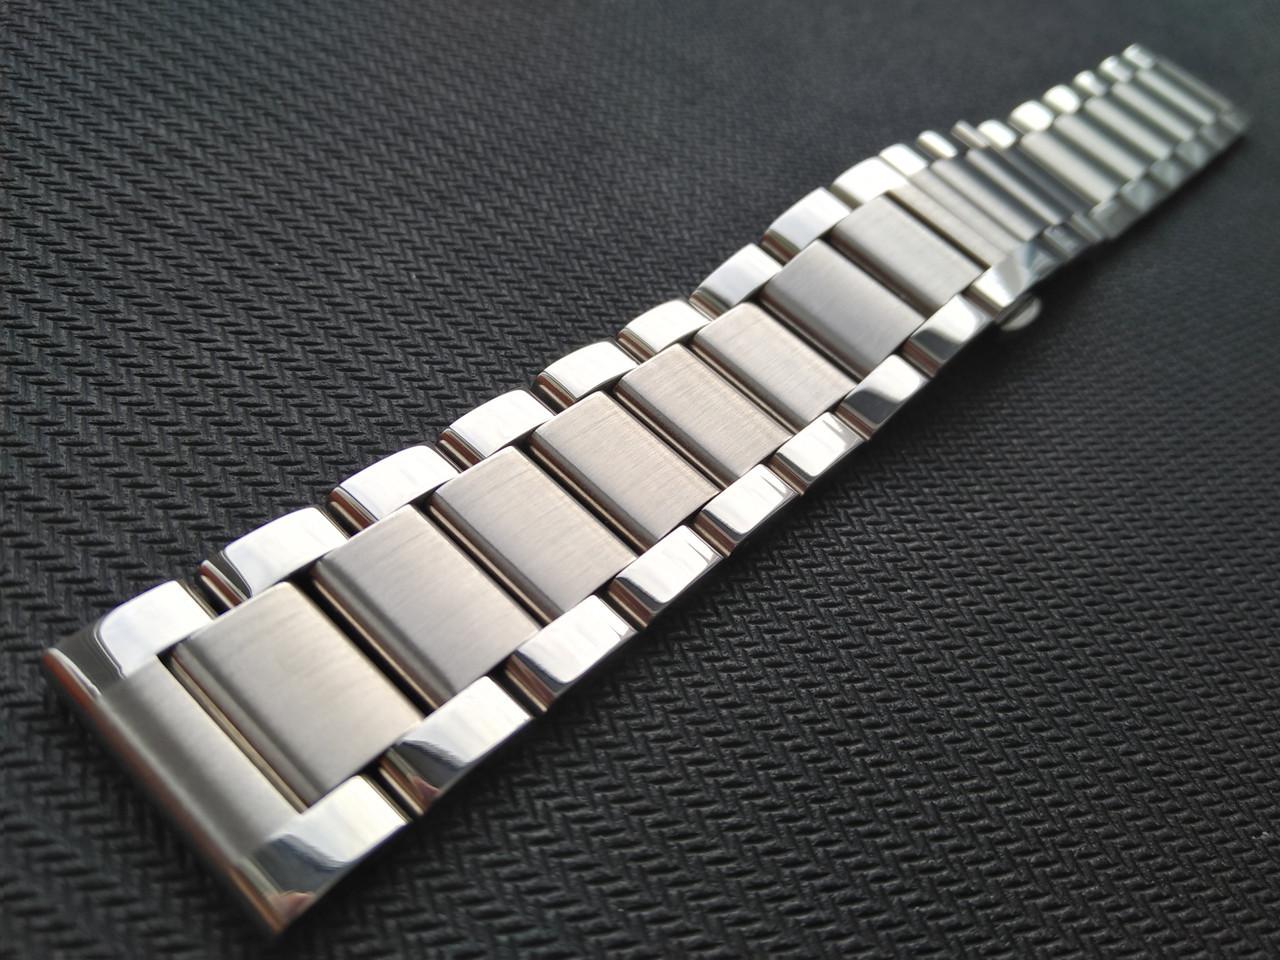 Браслет для часов из нержавеющей стали 316L, литой, мат/глянец. 20 мм